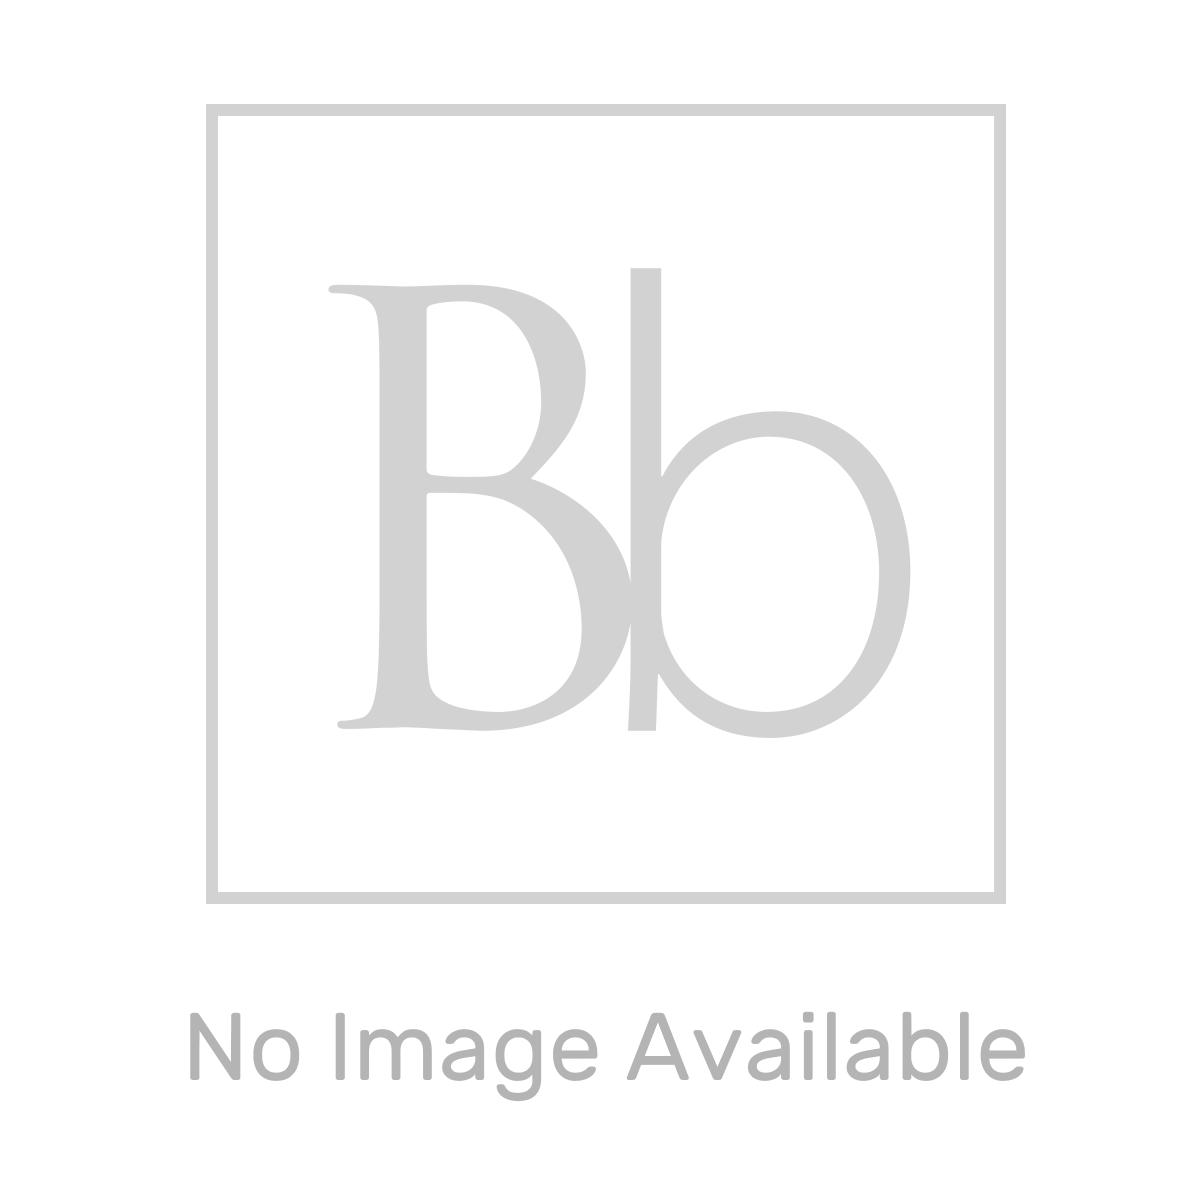 Merlyn Truestone Fossil Grey Rectangular Shower Tray 1700 x 800mm